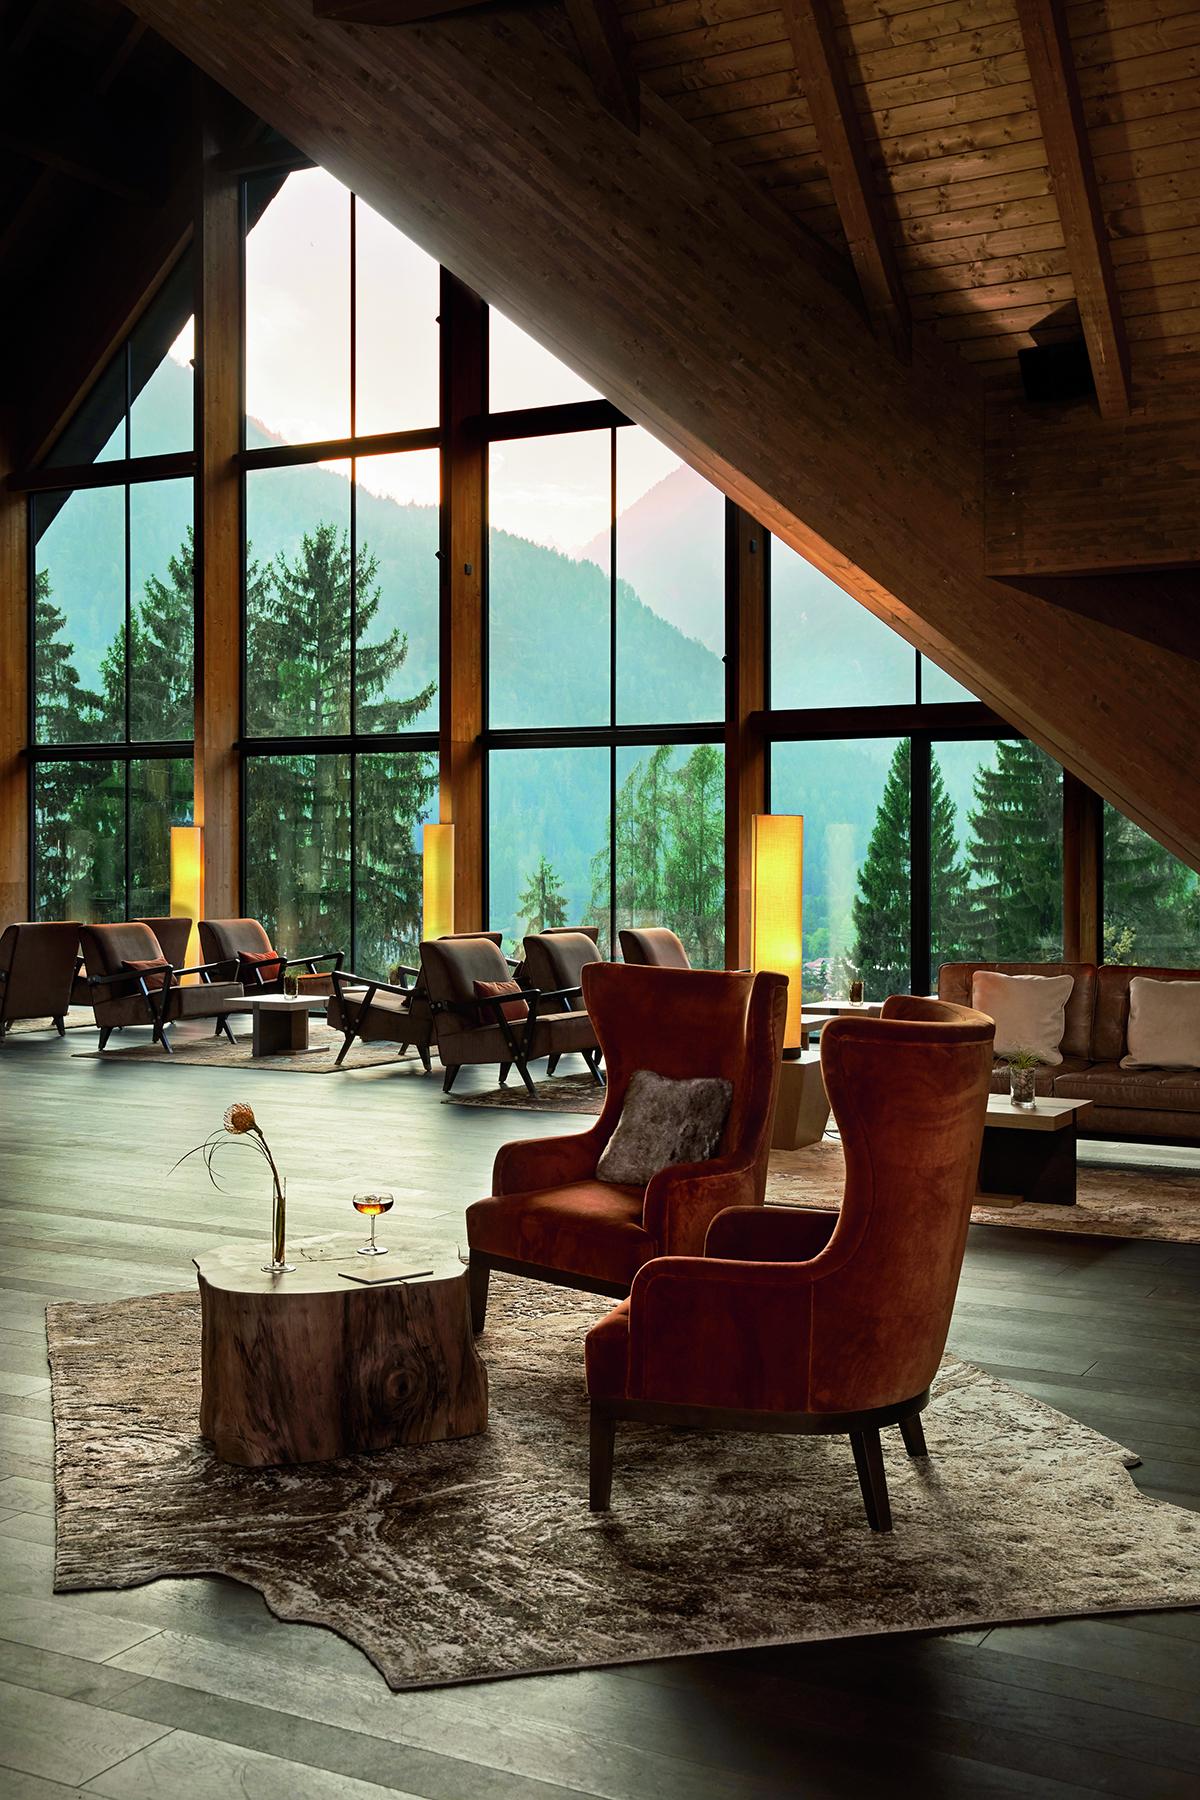 Studio Apostoli_Lefay Resort & SPA Dolomiti 04_ph Sharon Radisch